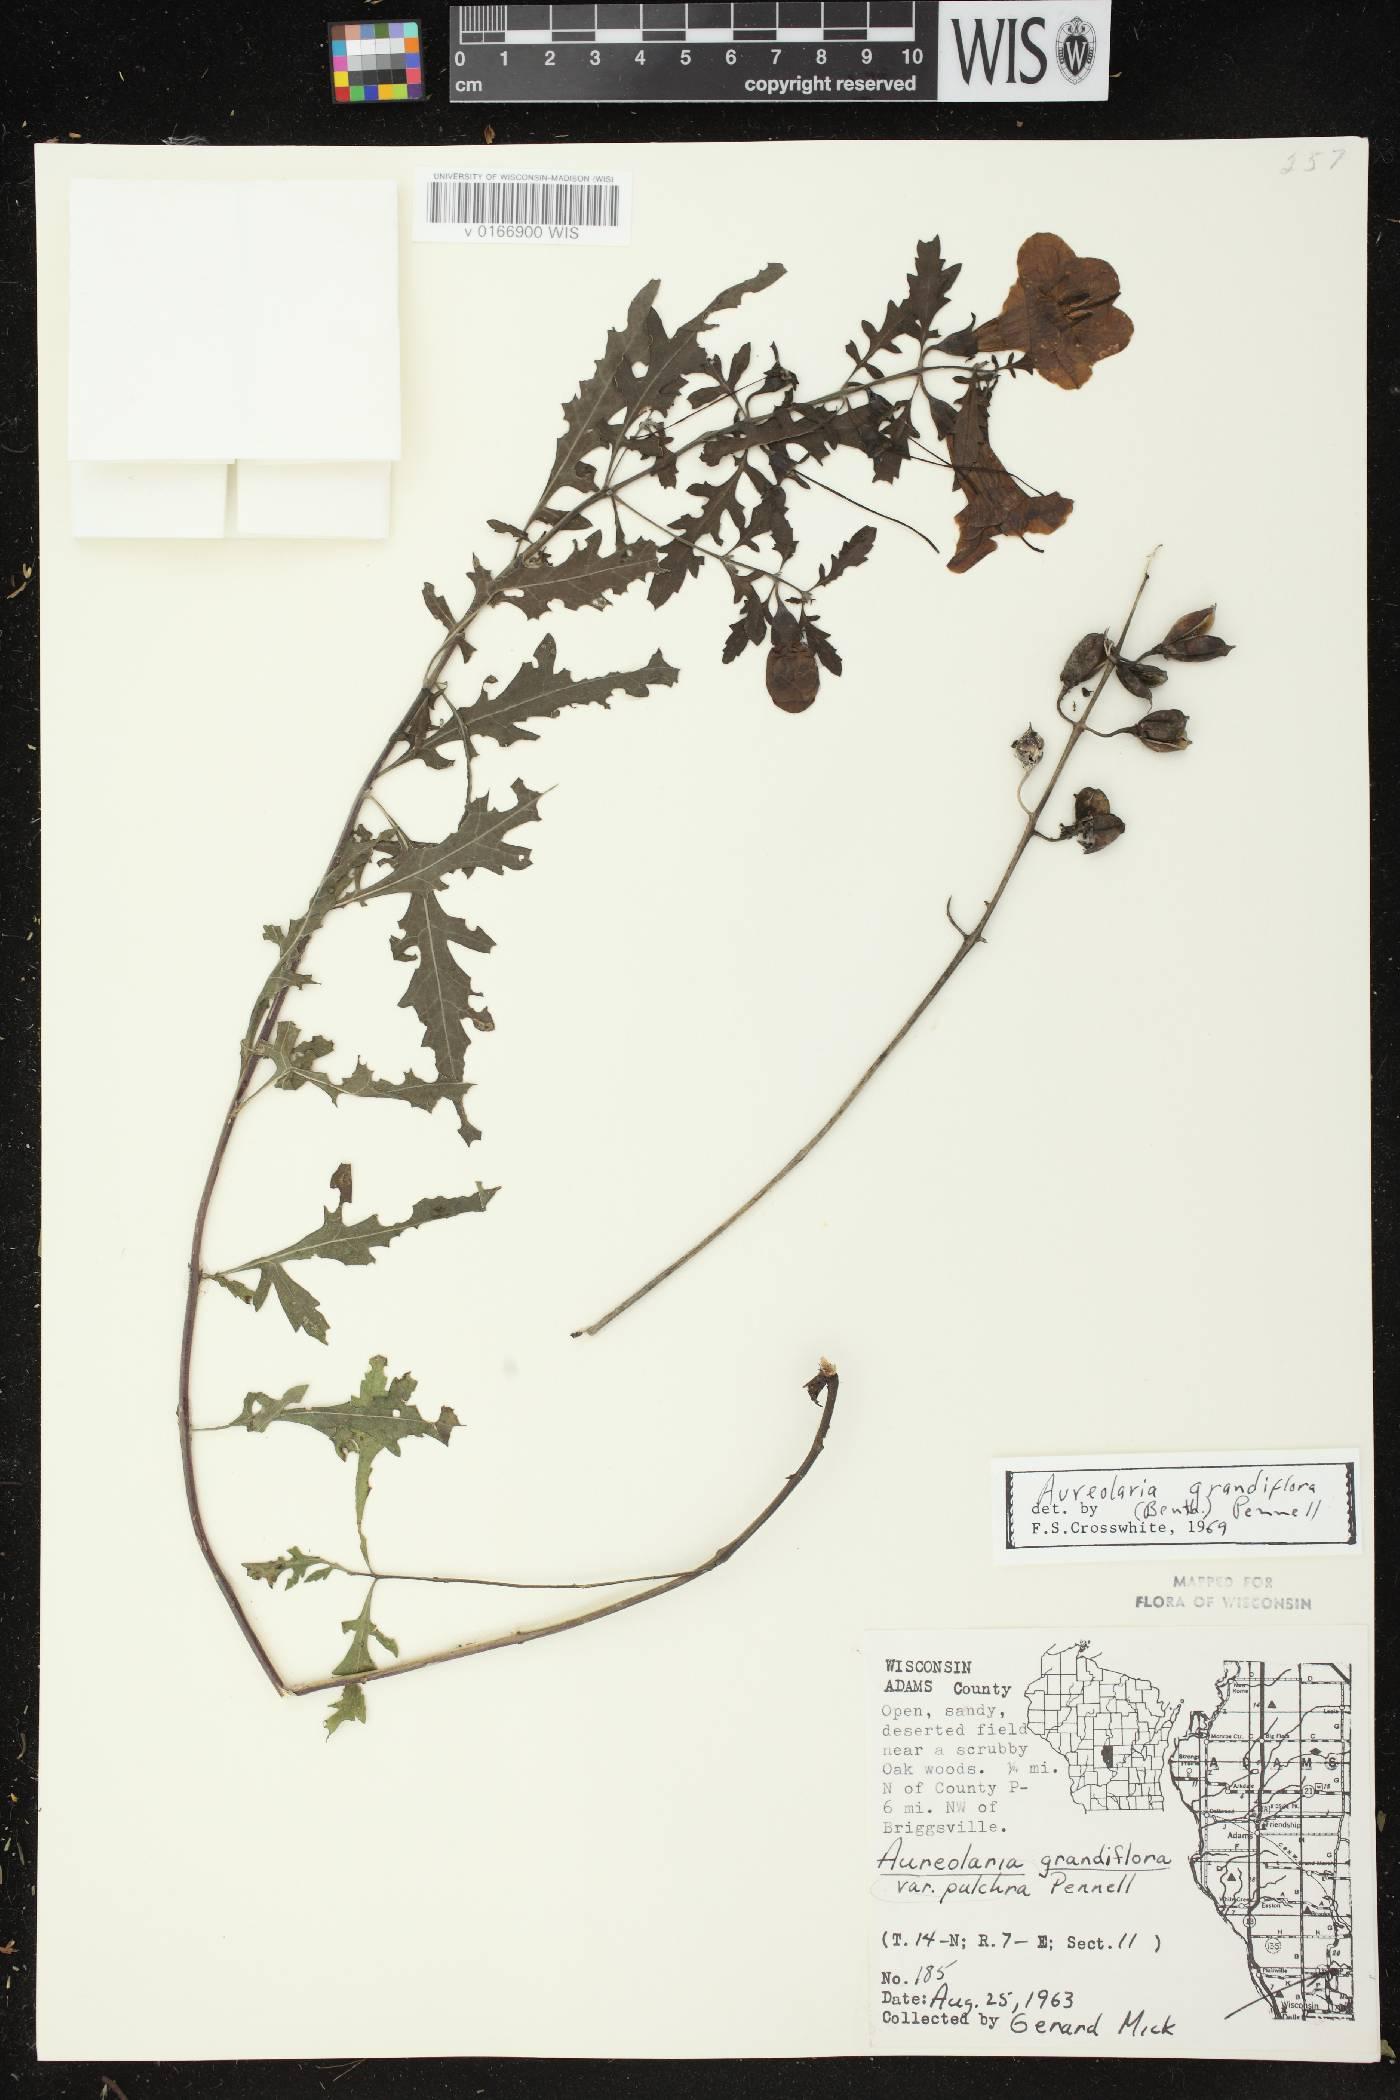 Aureolaria grandiflora var. pulchra image